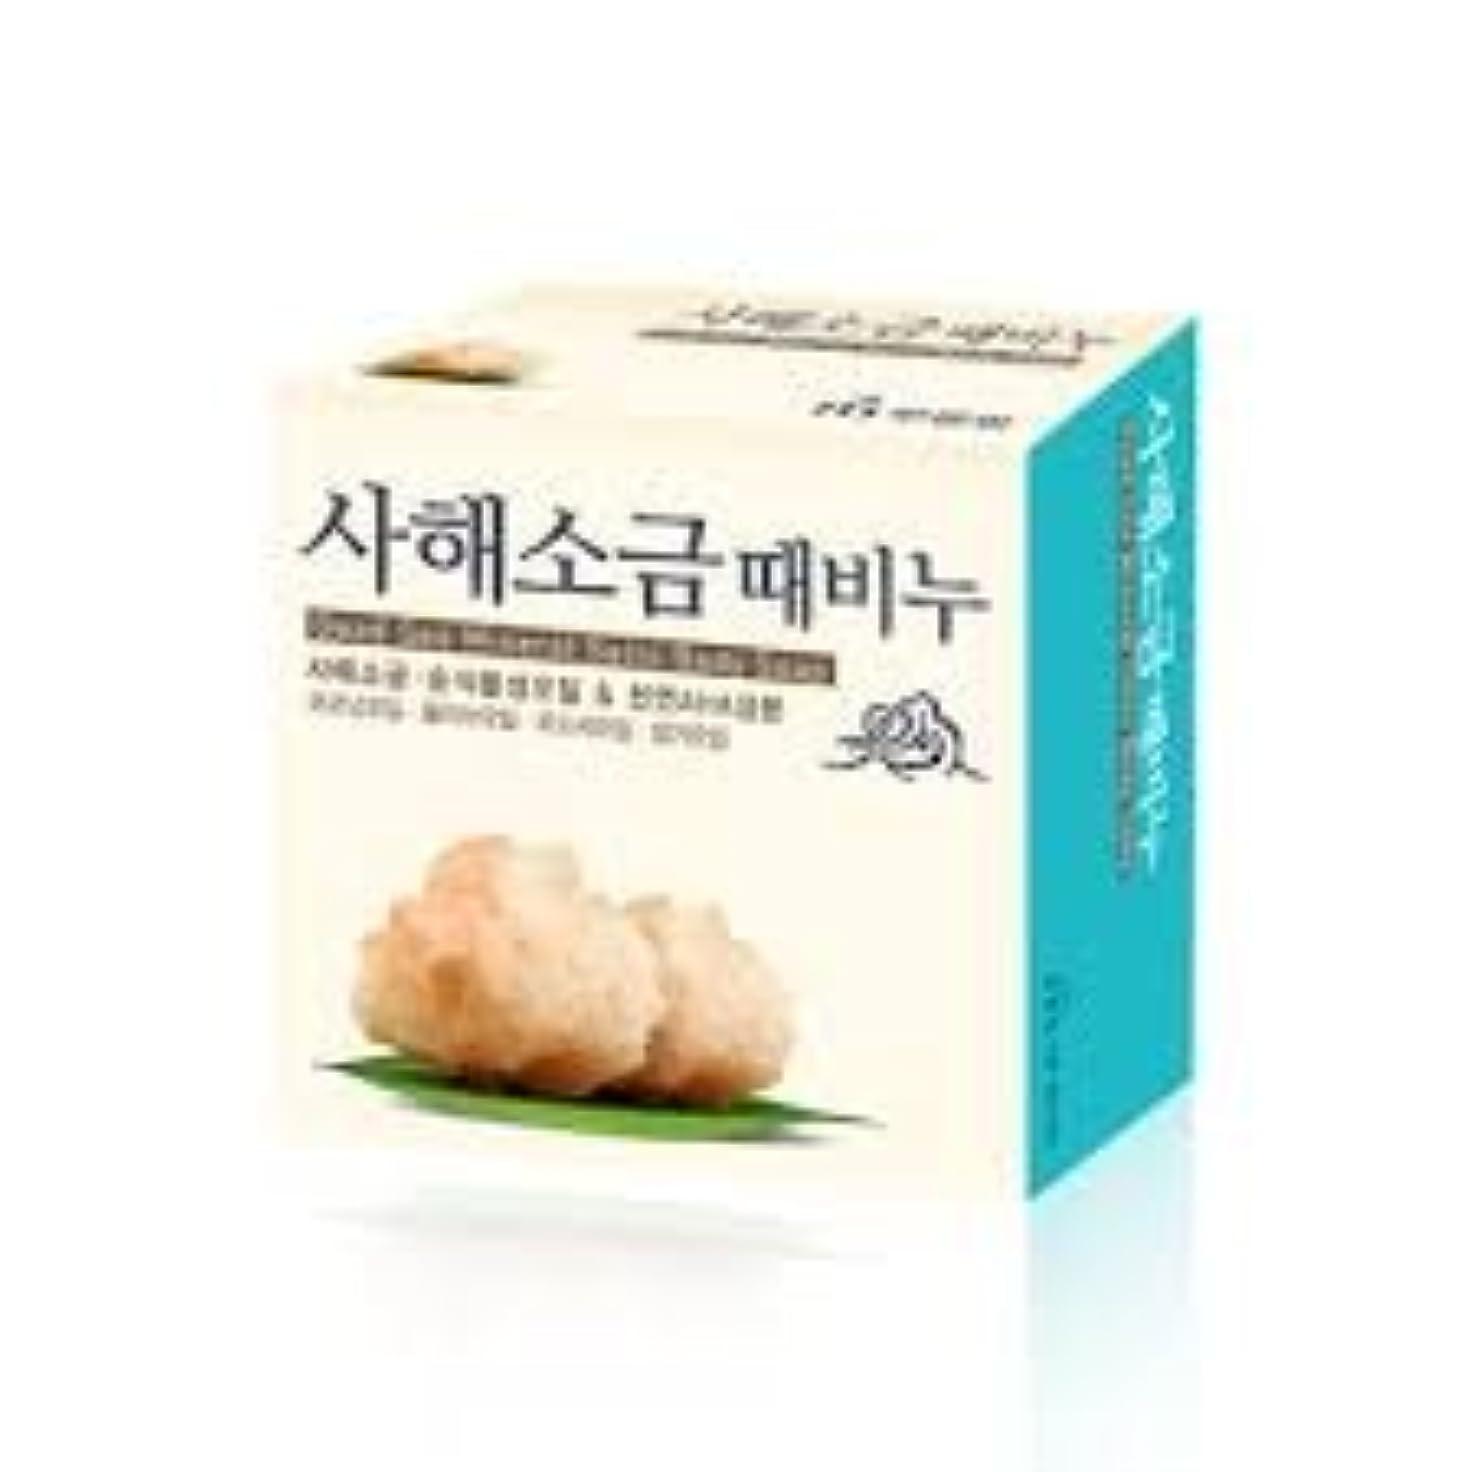 友だち炎上蒸気ムグンファ[MUKUNGHWA] 死海 塩 垢石鹸 100g/ Dead Sea Mineral Salts Body Soap